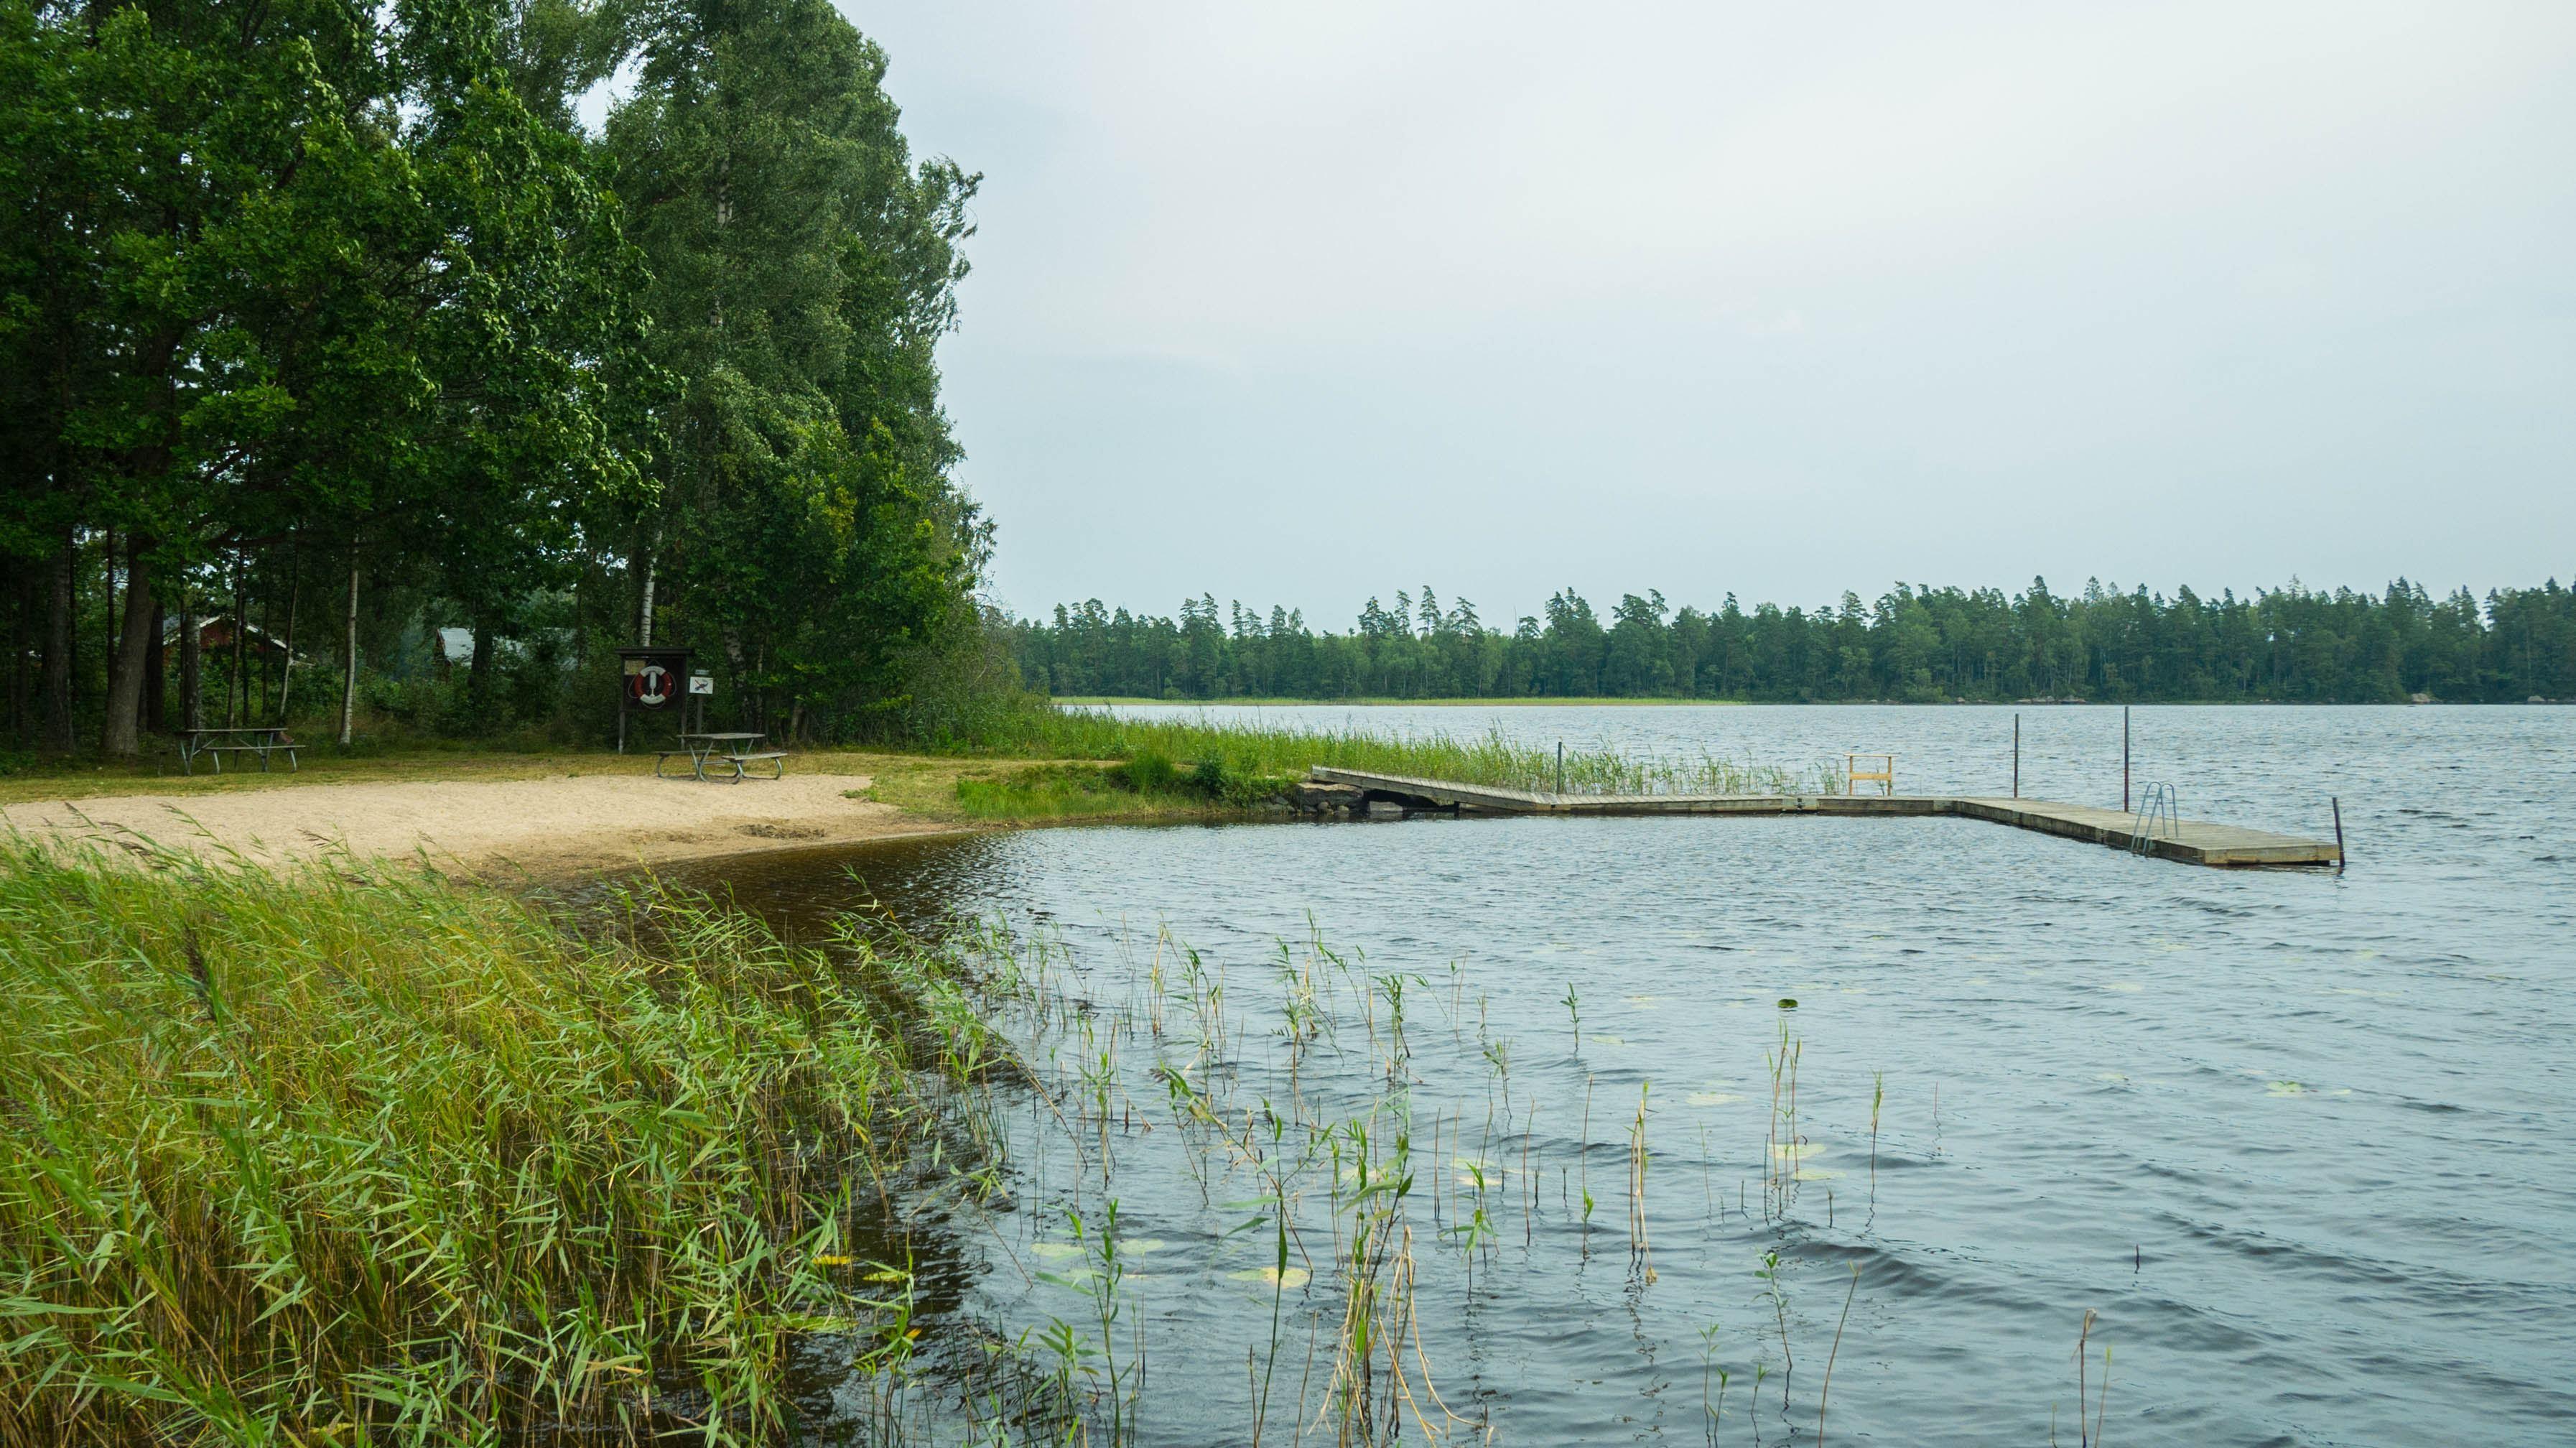 Bohults bathing place